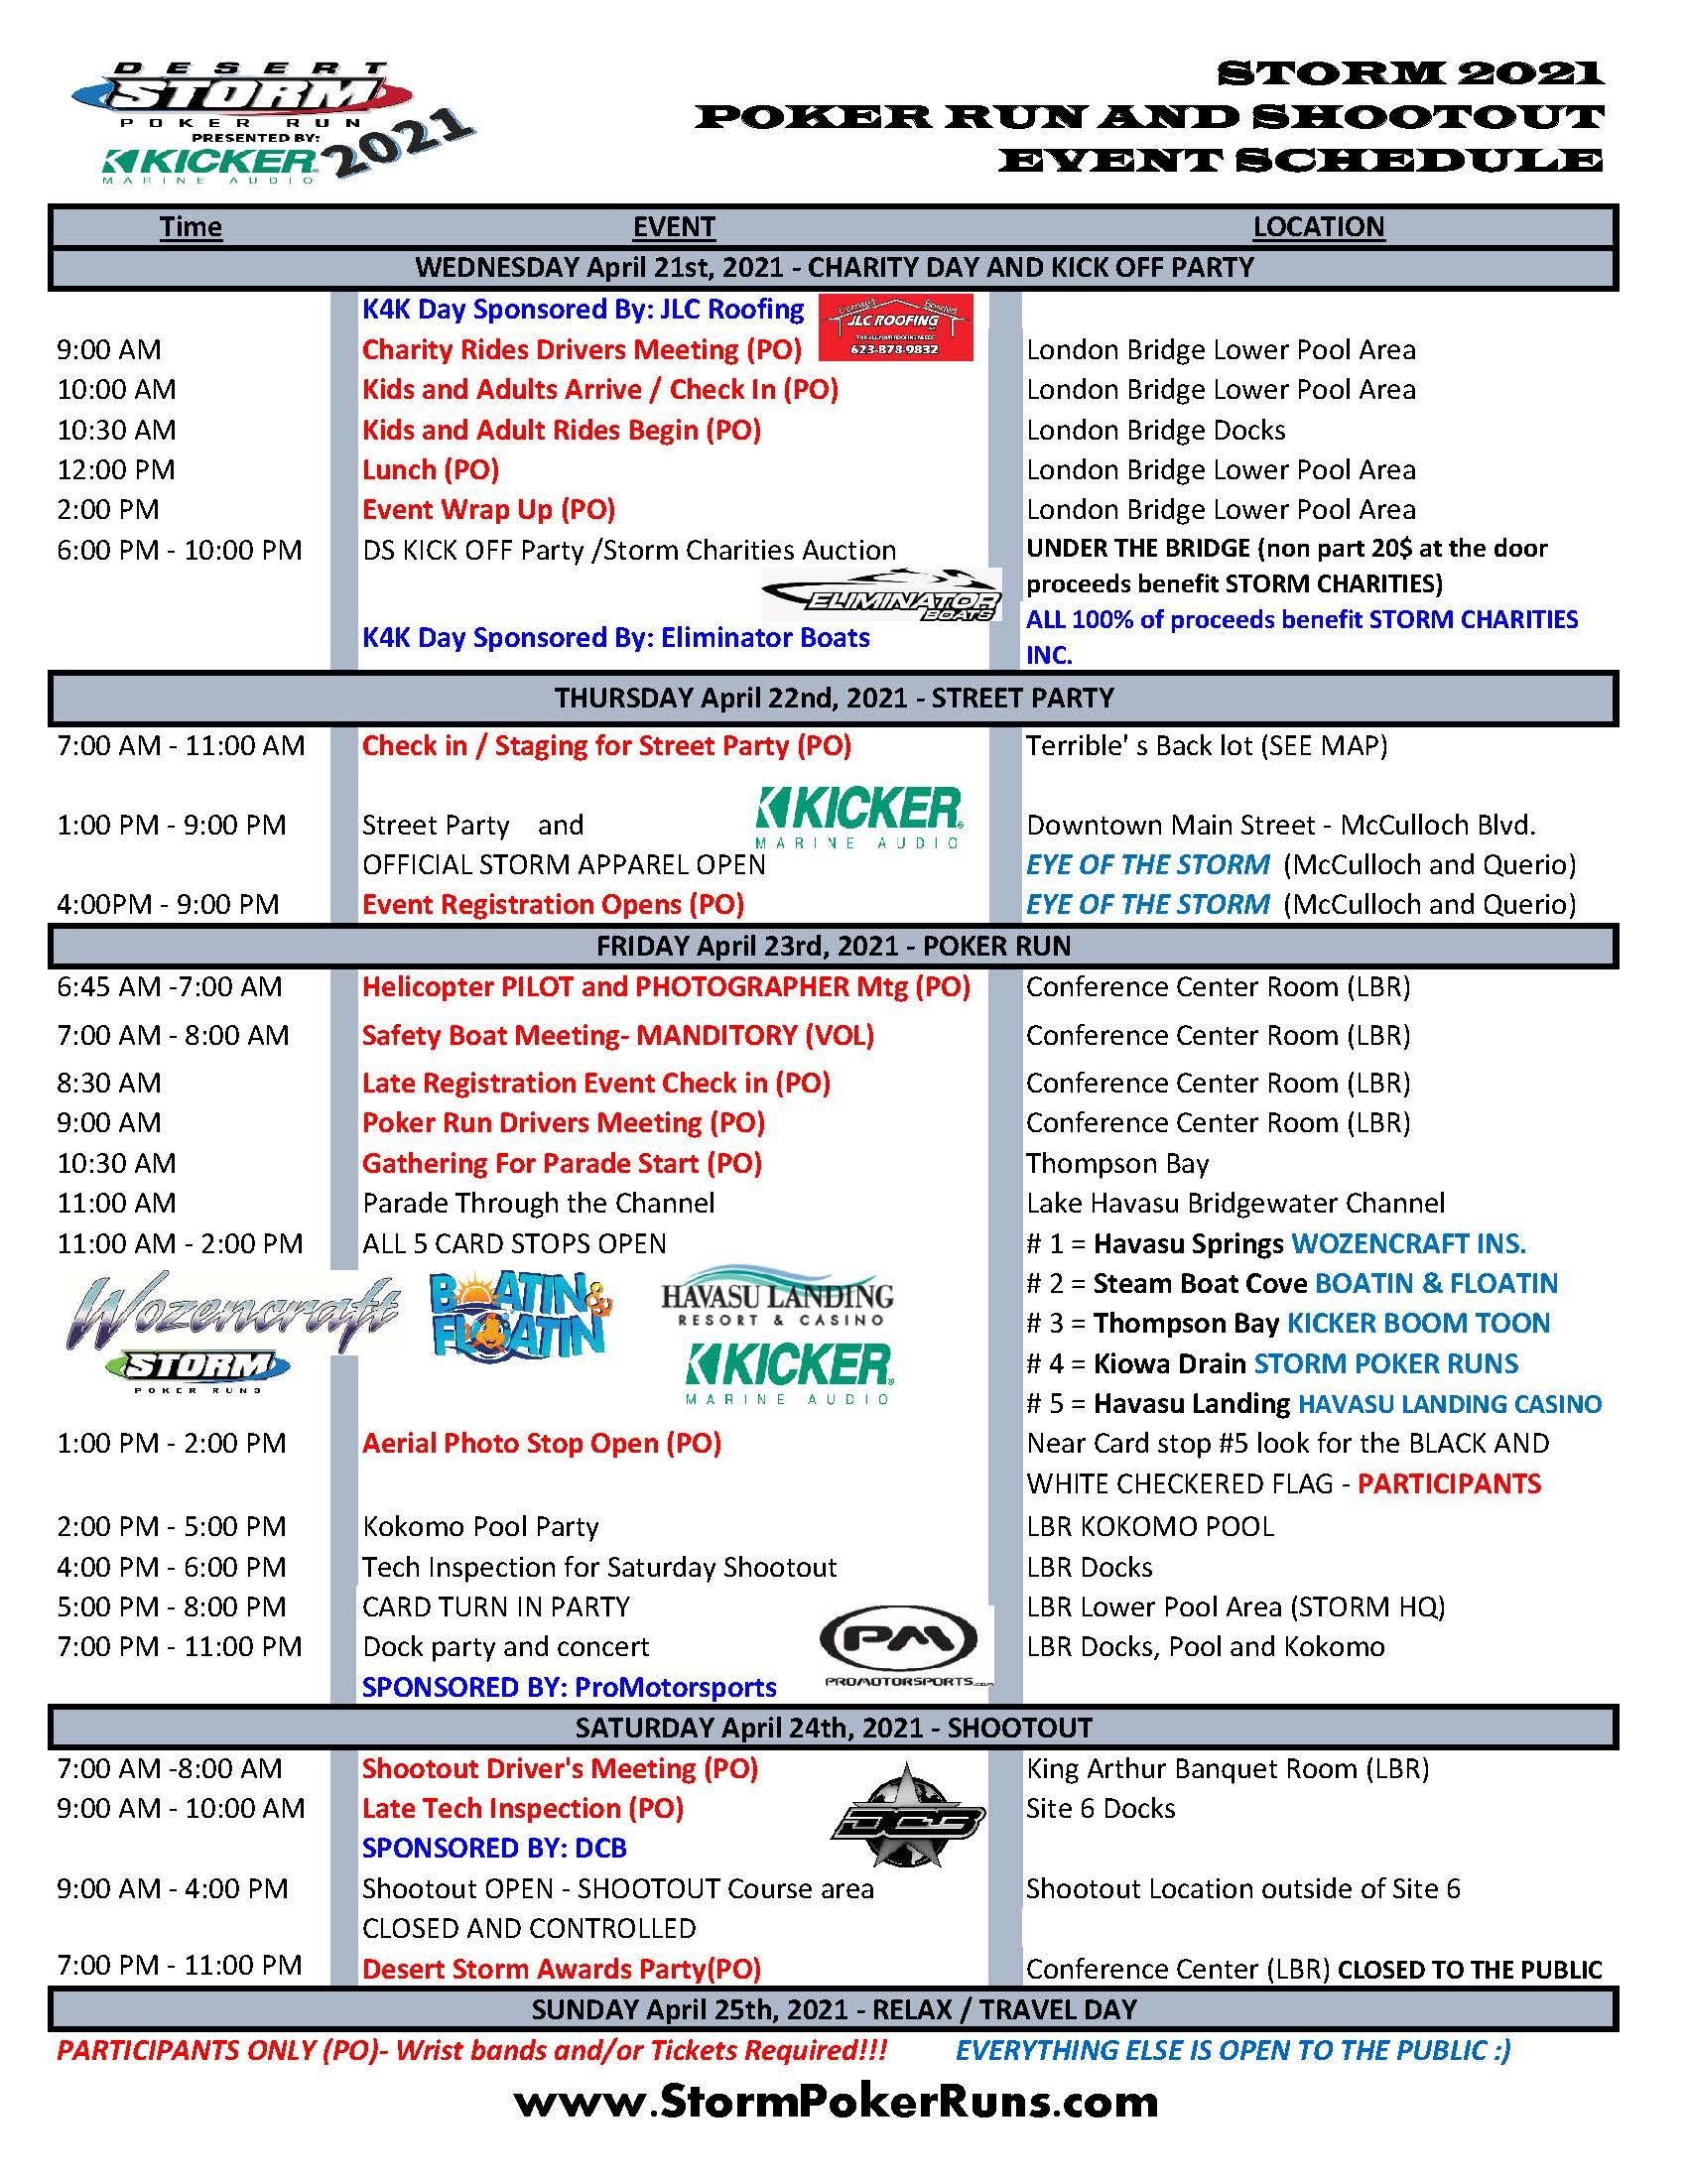 Desert Storm Poker Run and Shootout 2021 Event Schedule